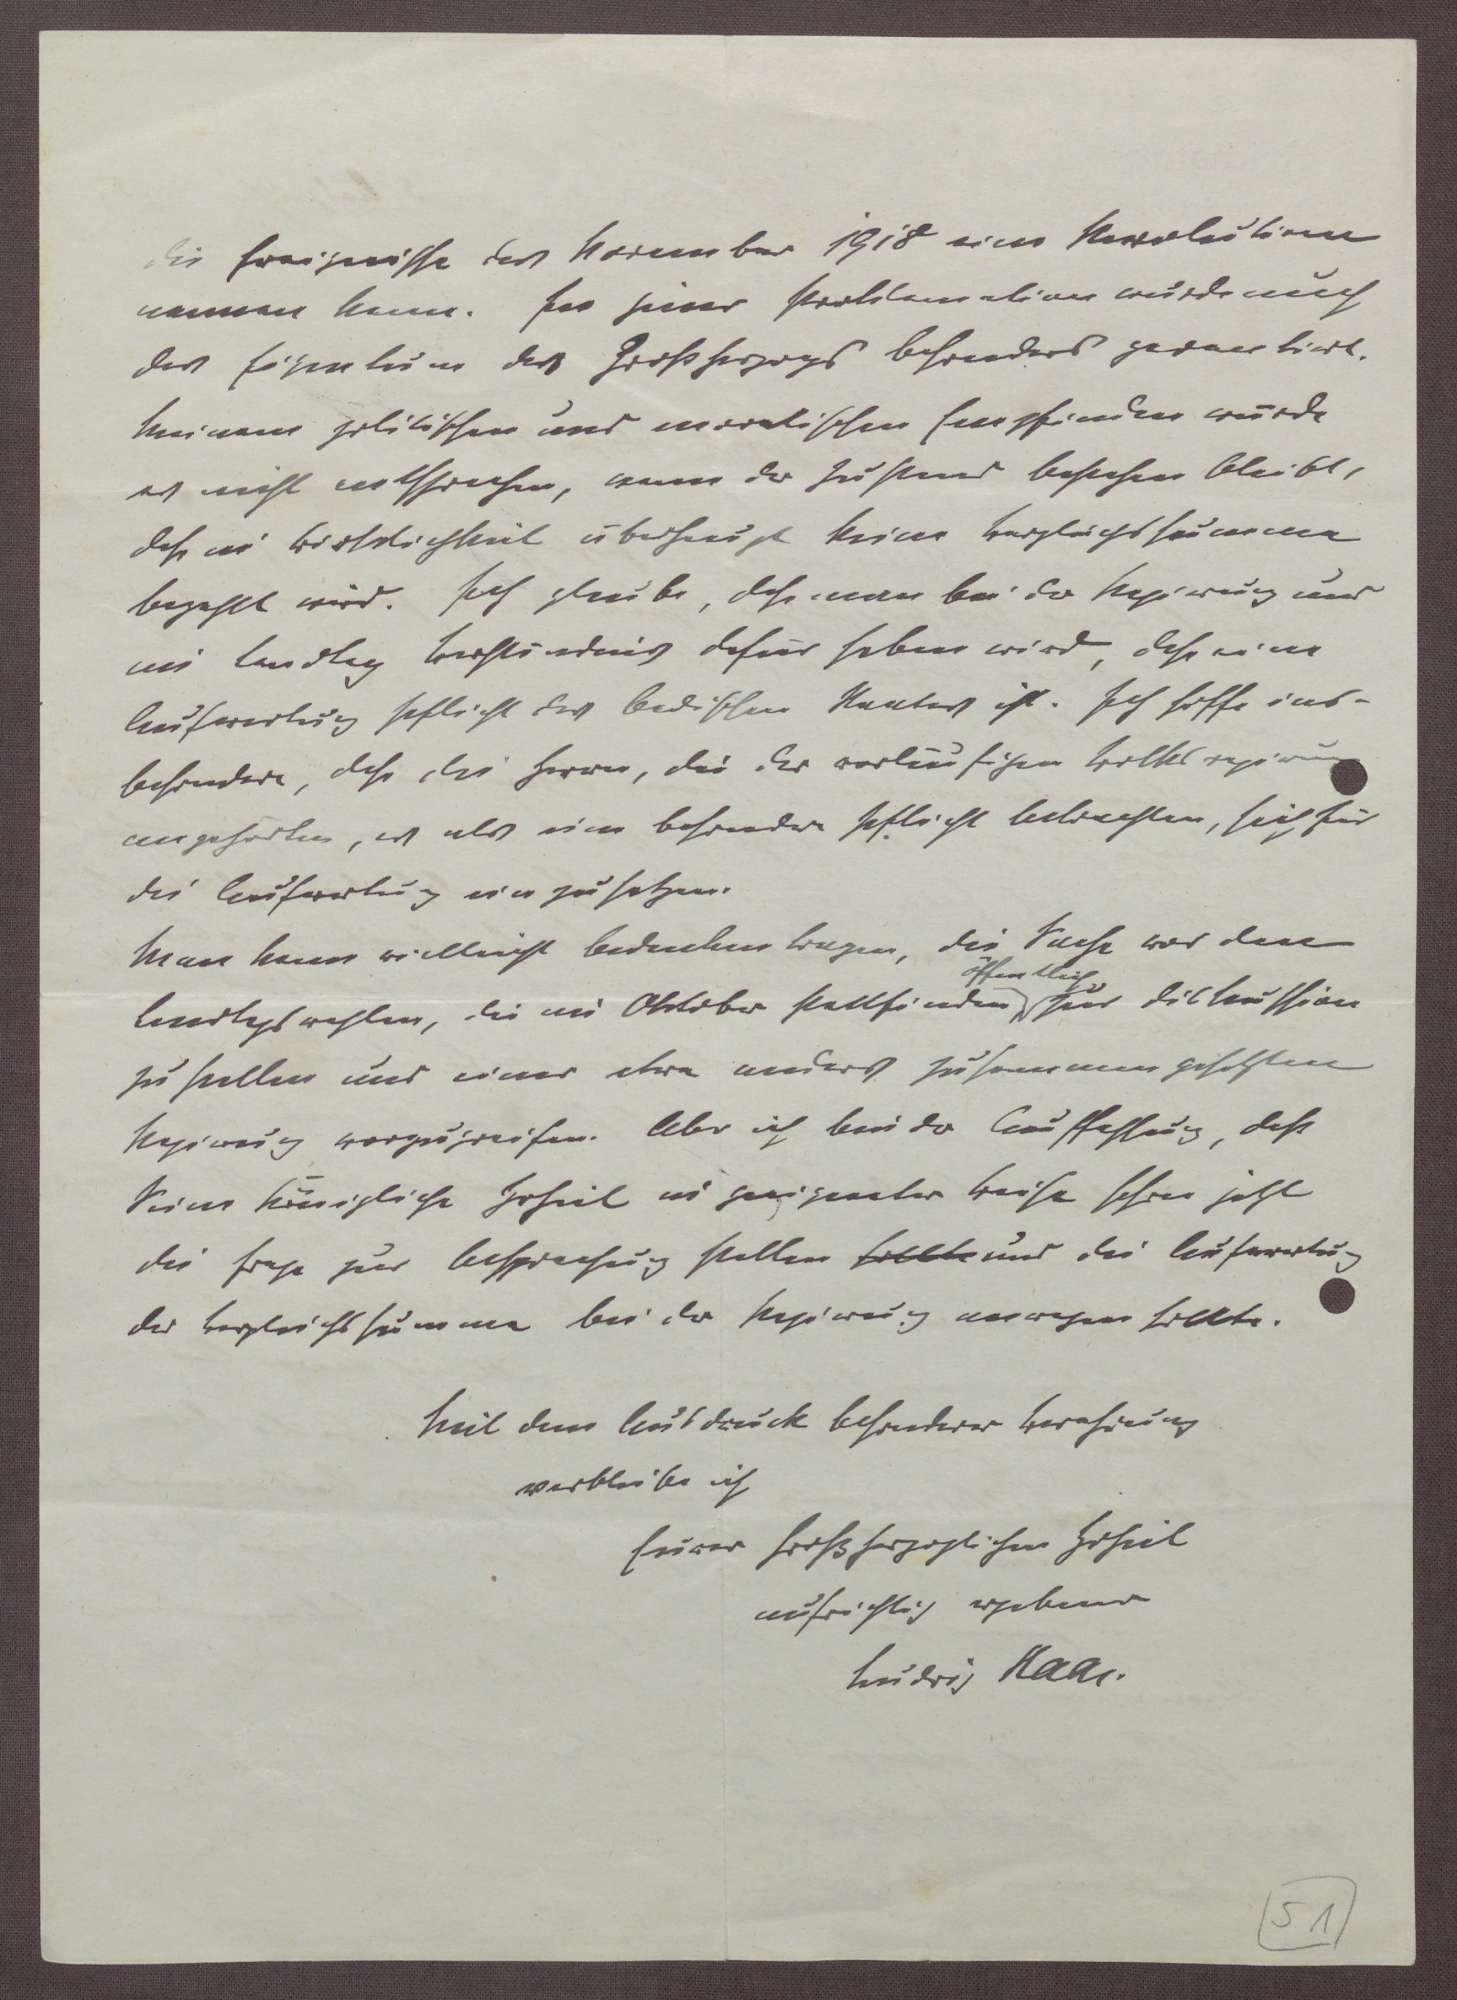 Schreiben von Ludwig Haas an Prinz Max von Baden; Ausgleichsverhandlungen bzgl. der Fürstenabfindung zwischen dem Land Baden und Großherzog Friedrich II., Bild 2